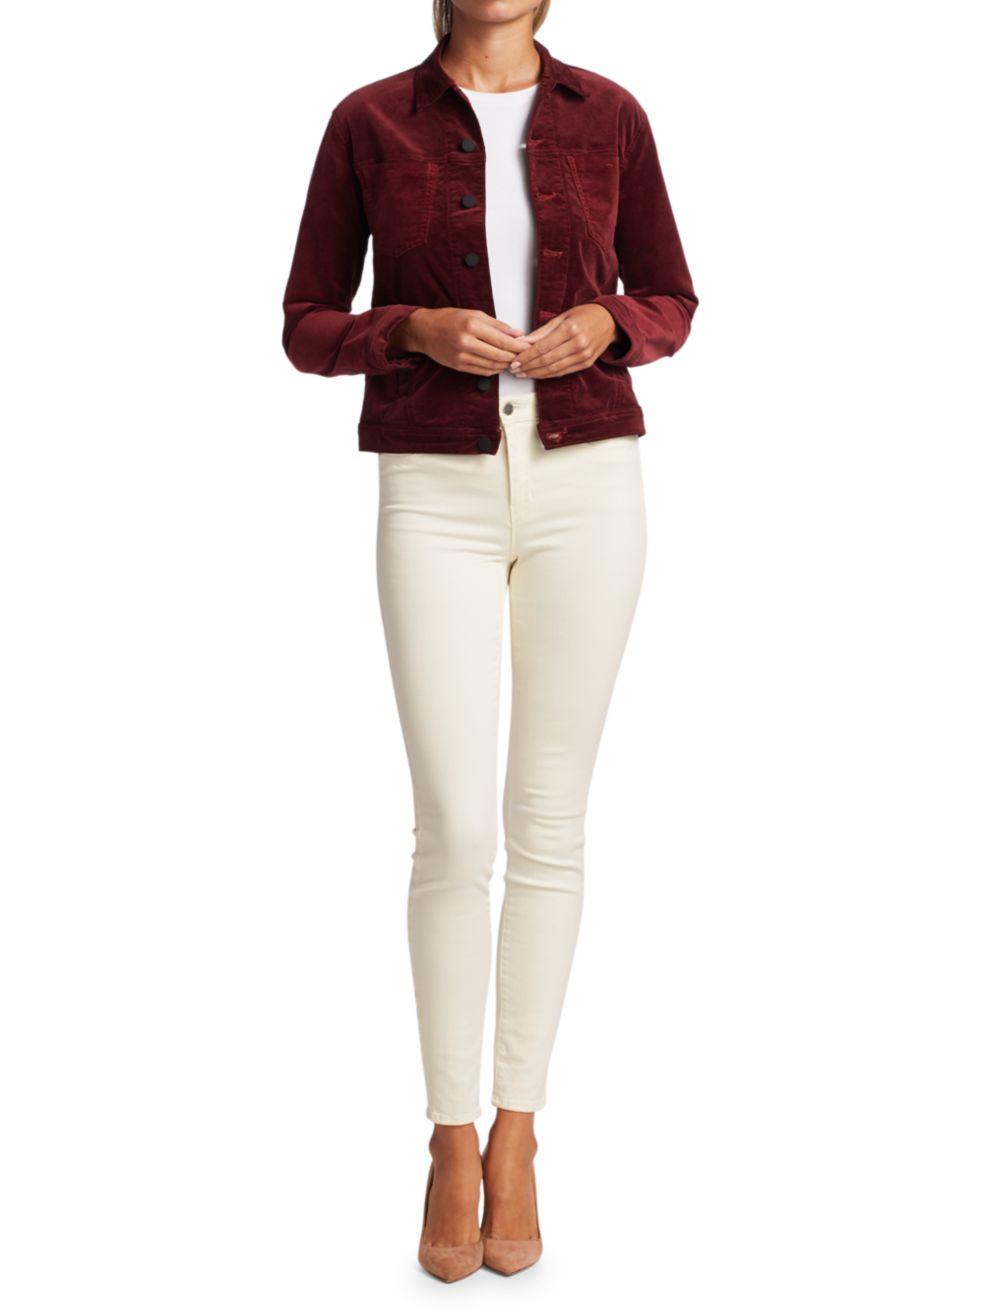 L'Agence Celine Slim Femme Velvet Jacket | SaksFifthAvenue